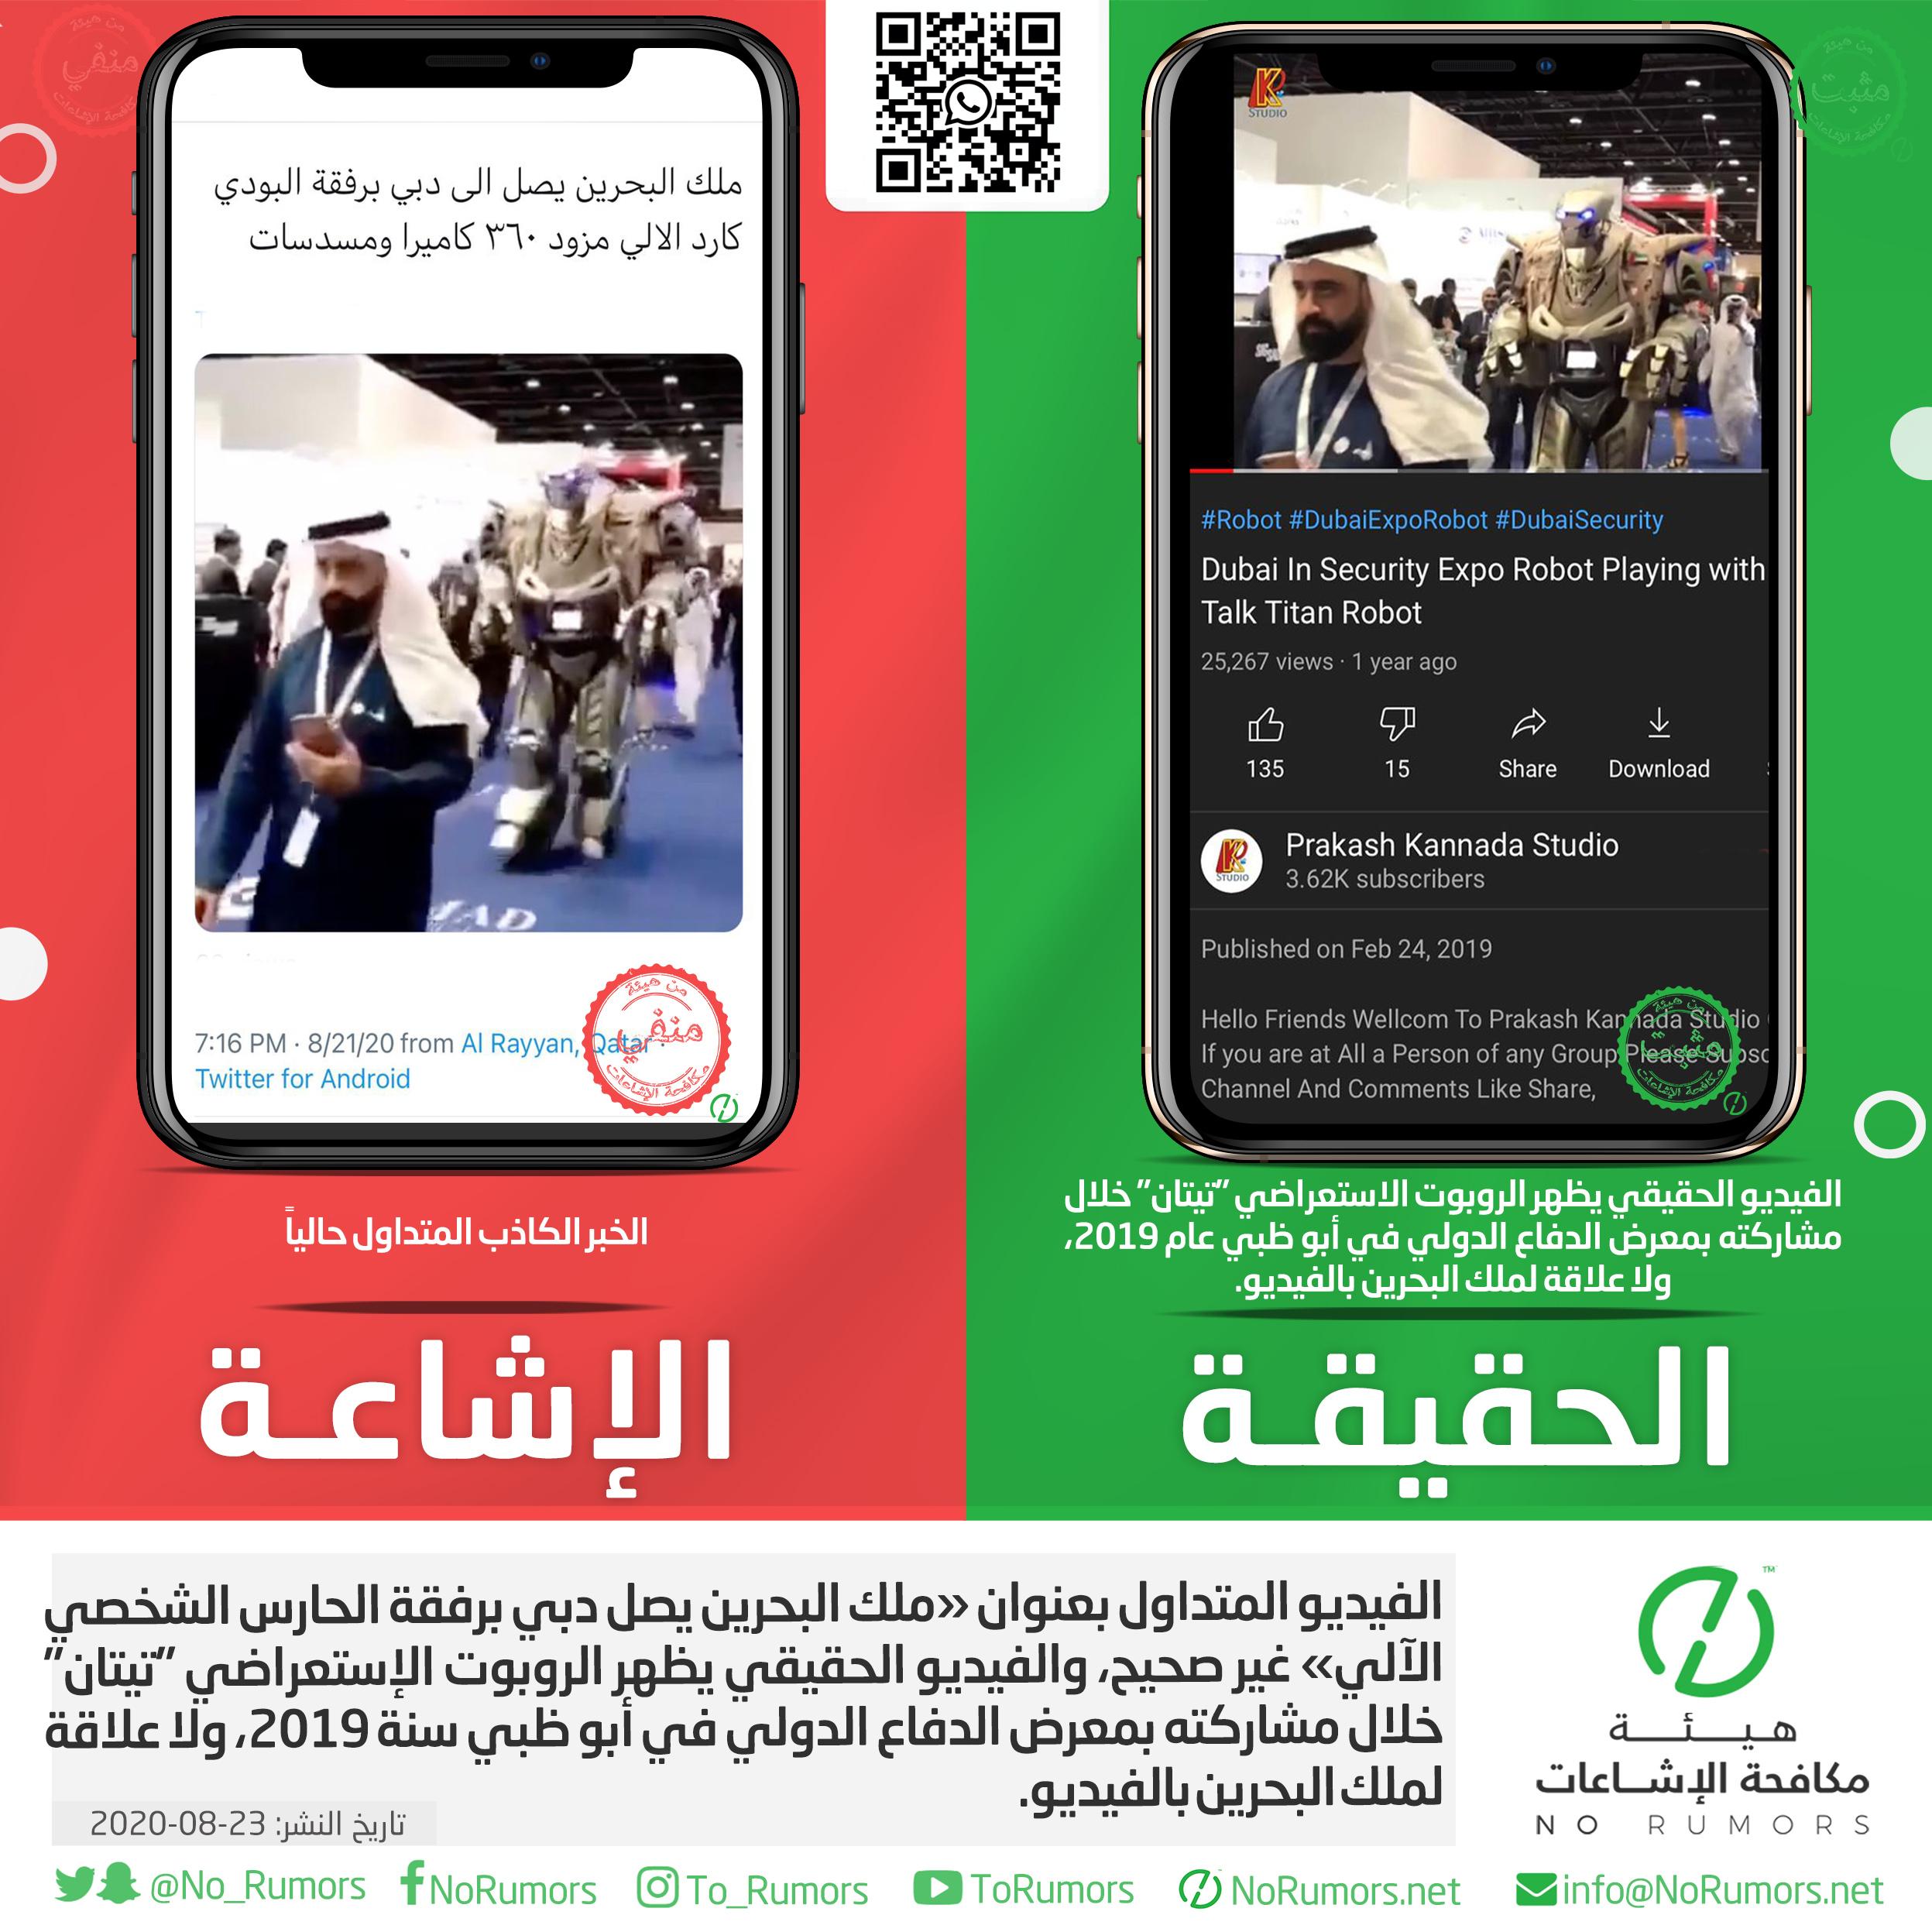 حقيقة الفيديو المتداول بعنوان «ملك البحرين يصل دبي برفقة الحارس الشخصي الآلي»